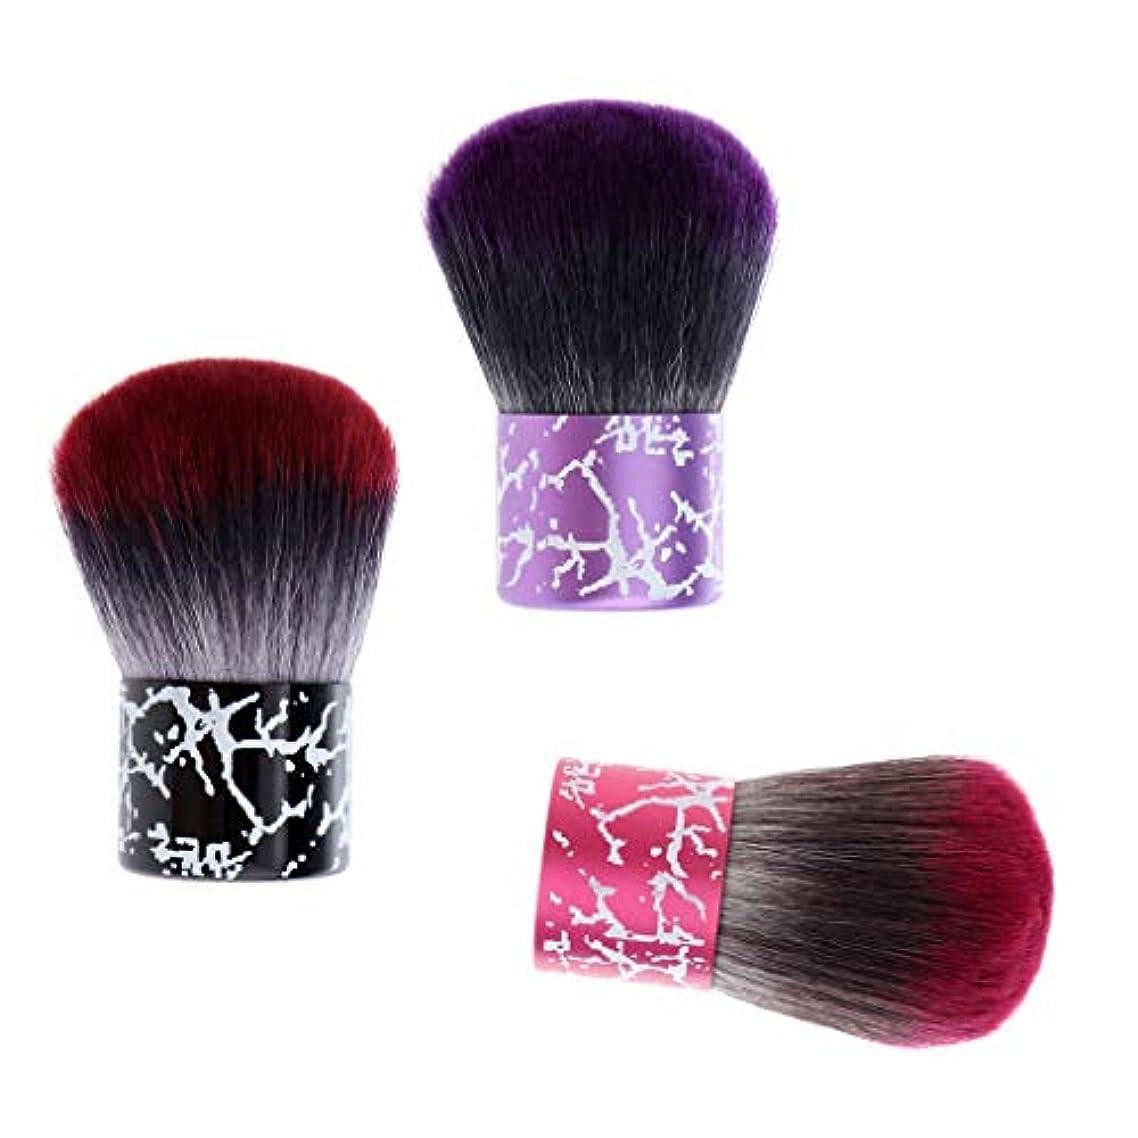 バインドスプリットサラミDYNWAVE 3個入 ヘアブラシ 理髪 ネック フェイス ダスターブラシ クリーニング ヘアブラシ ヘアスイープブラシ